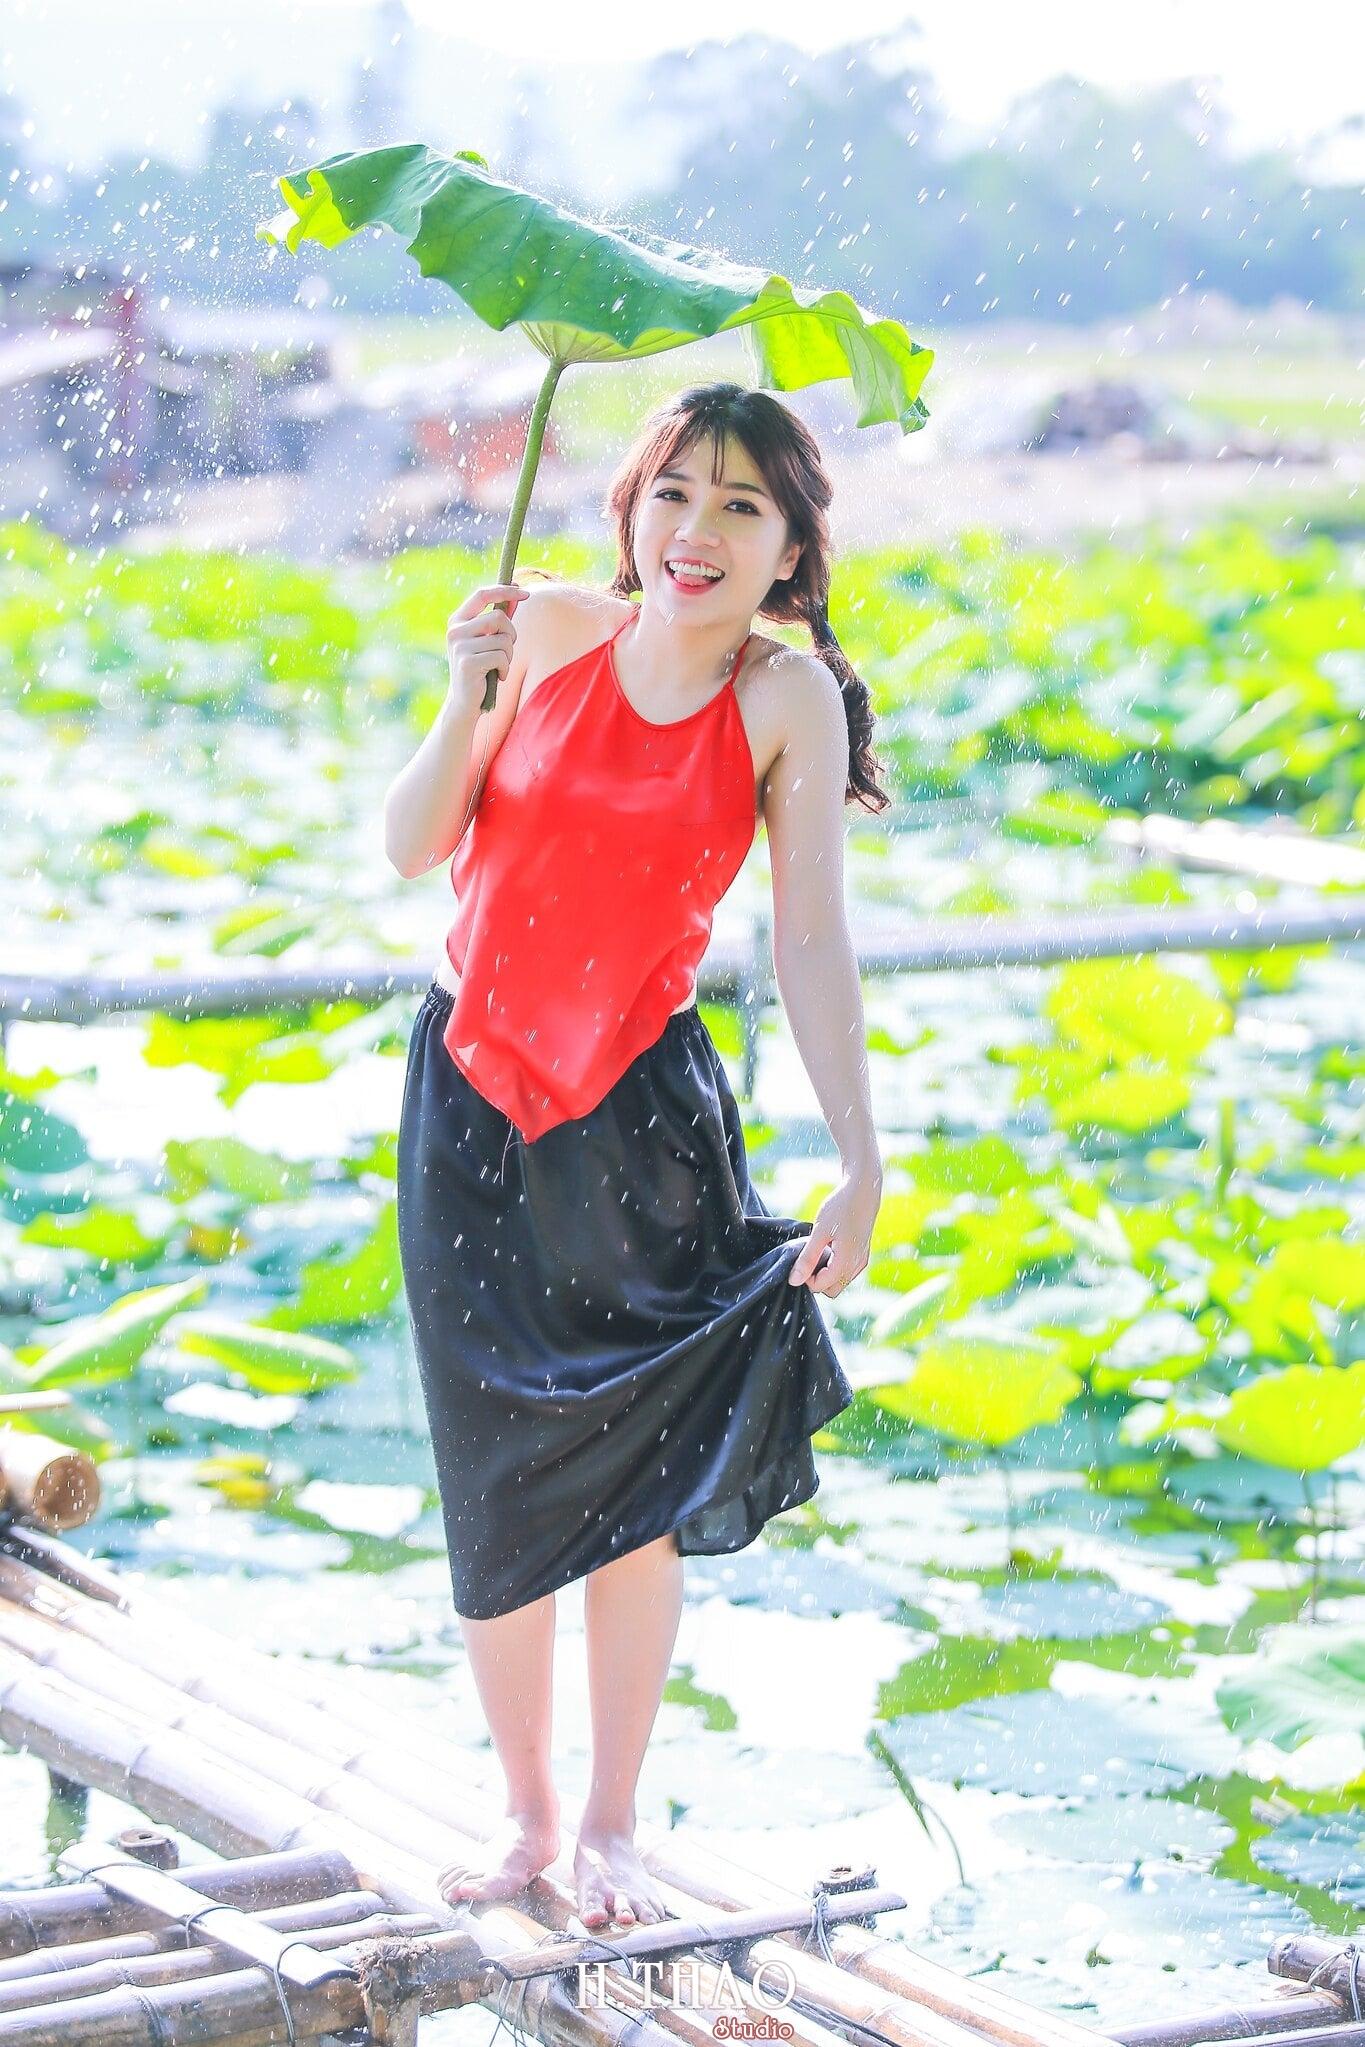 Hoa sen 7 - Tháng 6, chụp hình với hoa sen tại Tam đa quận 9 – Tp.HCM